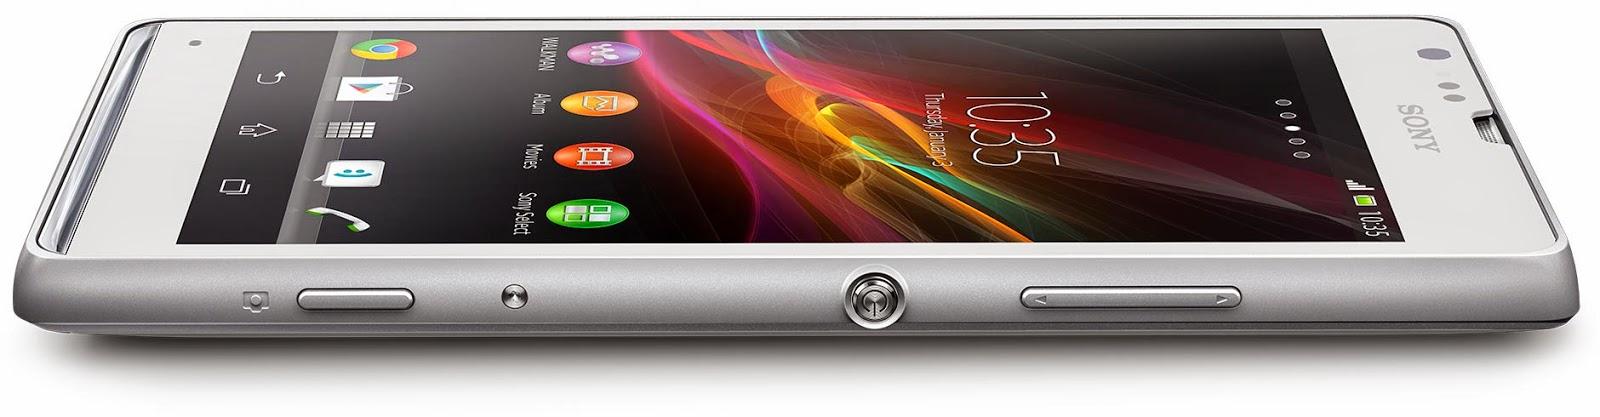 Fitur dan Spesifikasi Sony Xperia SP